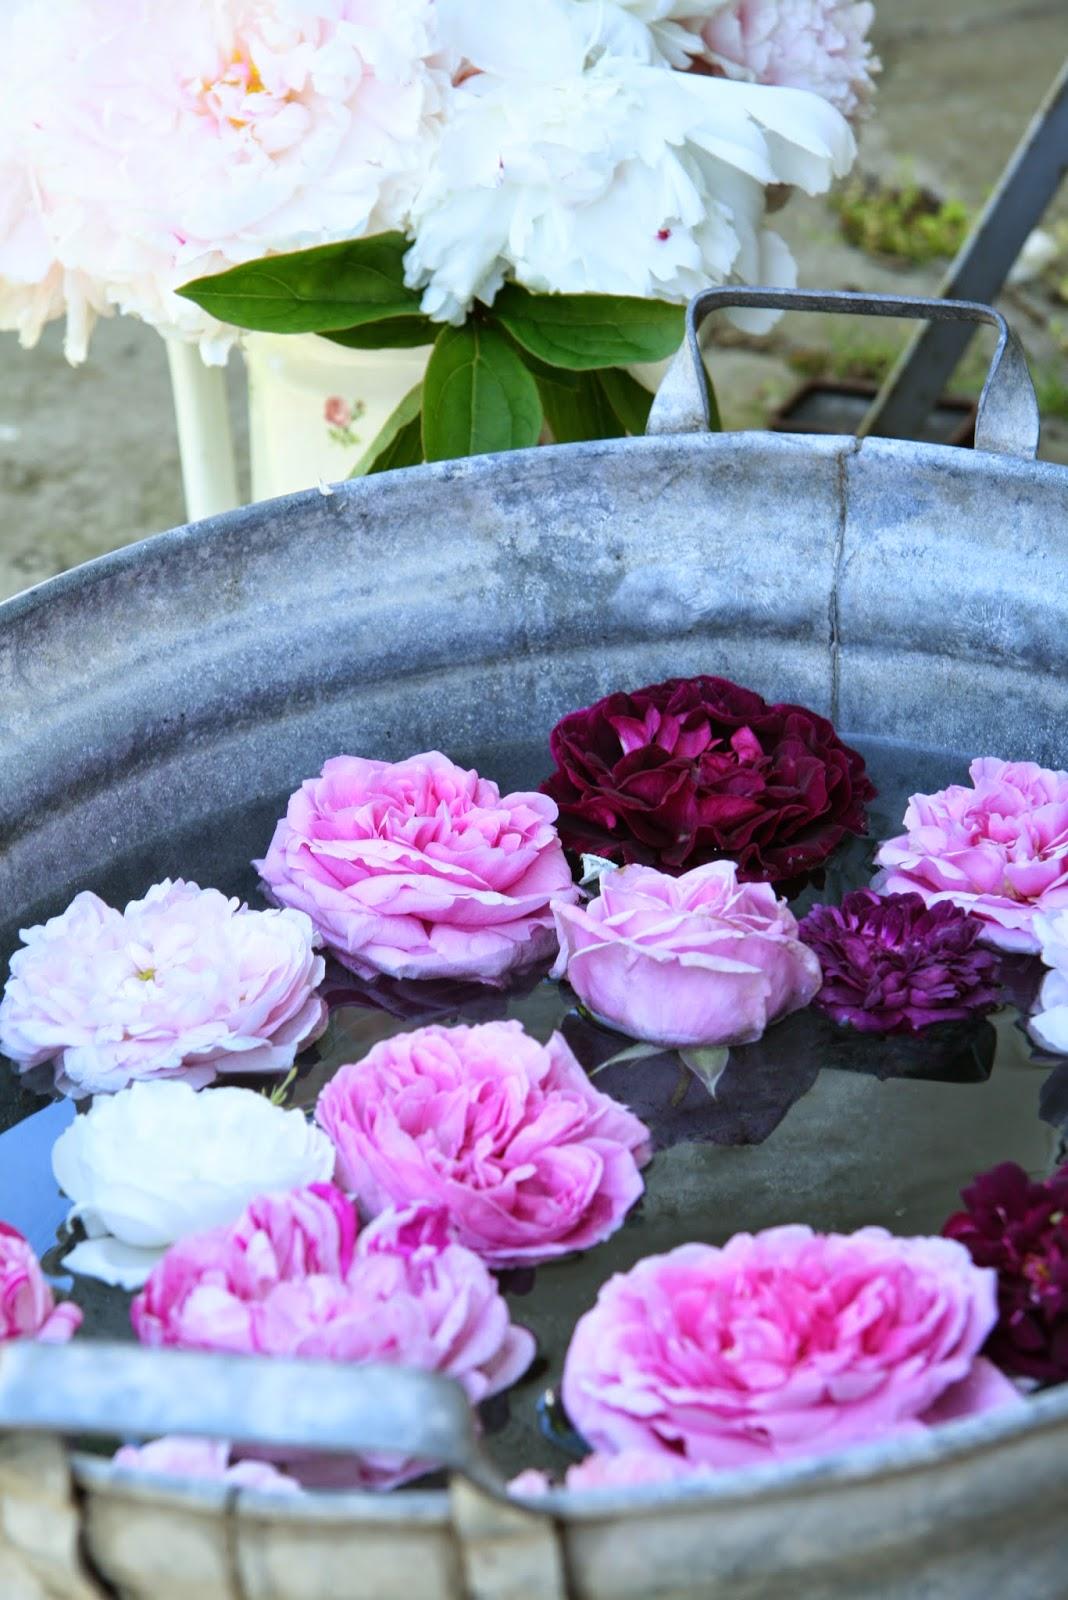 roses old roses old garden rose